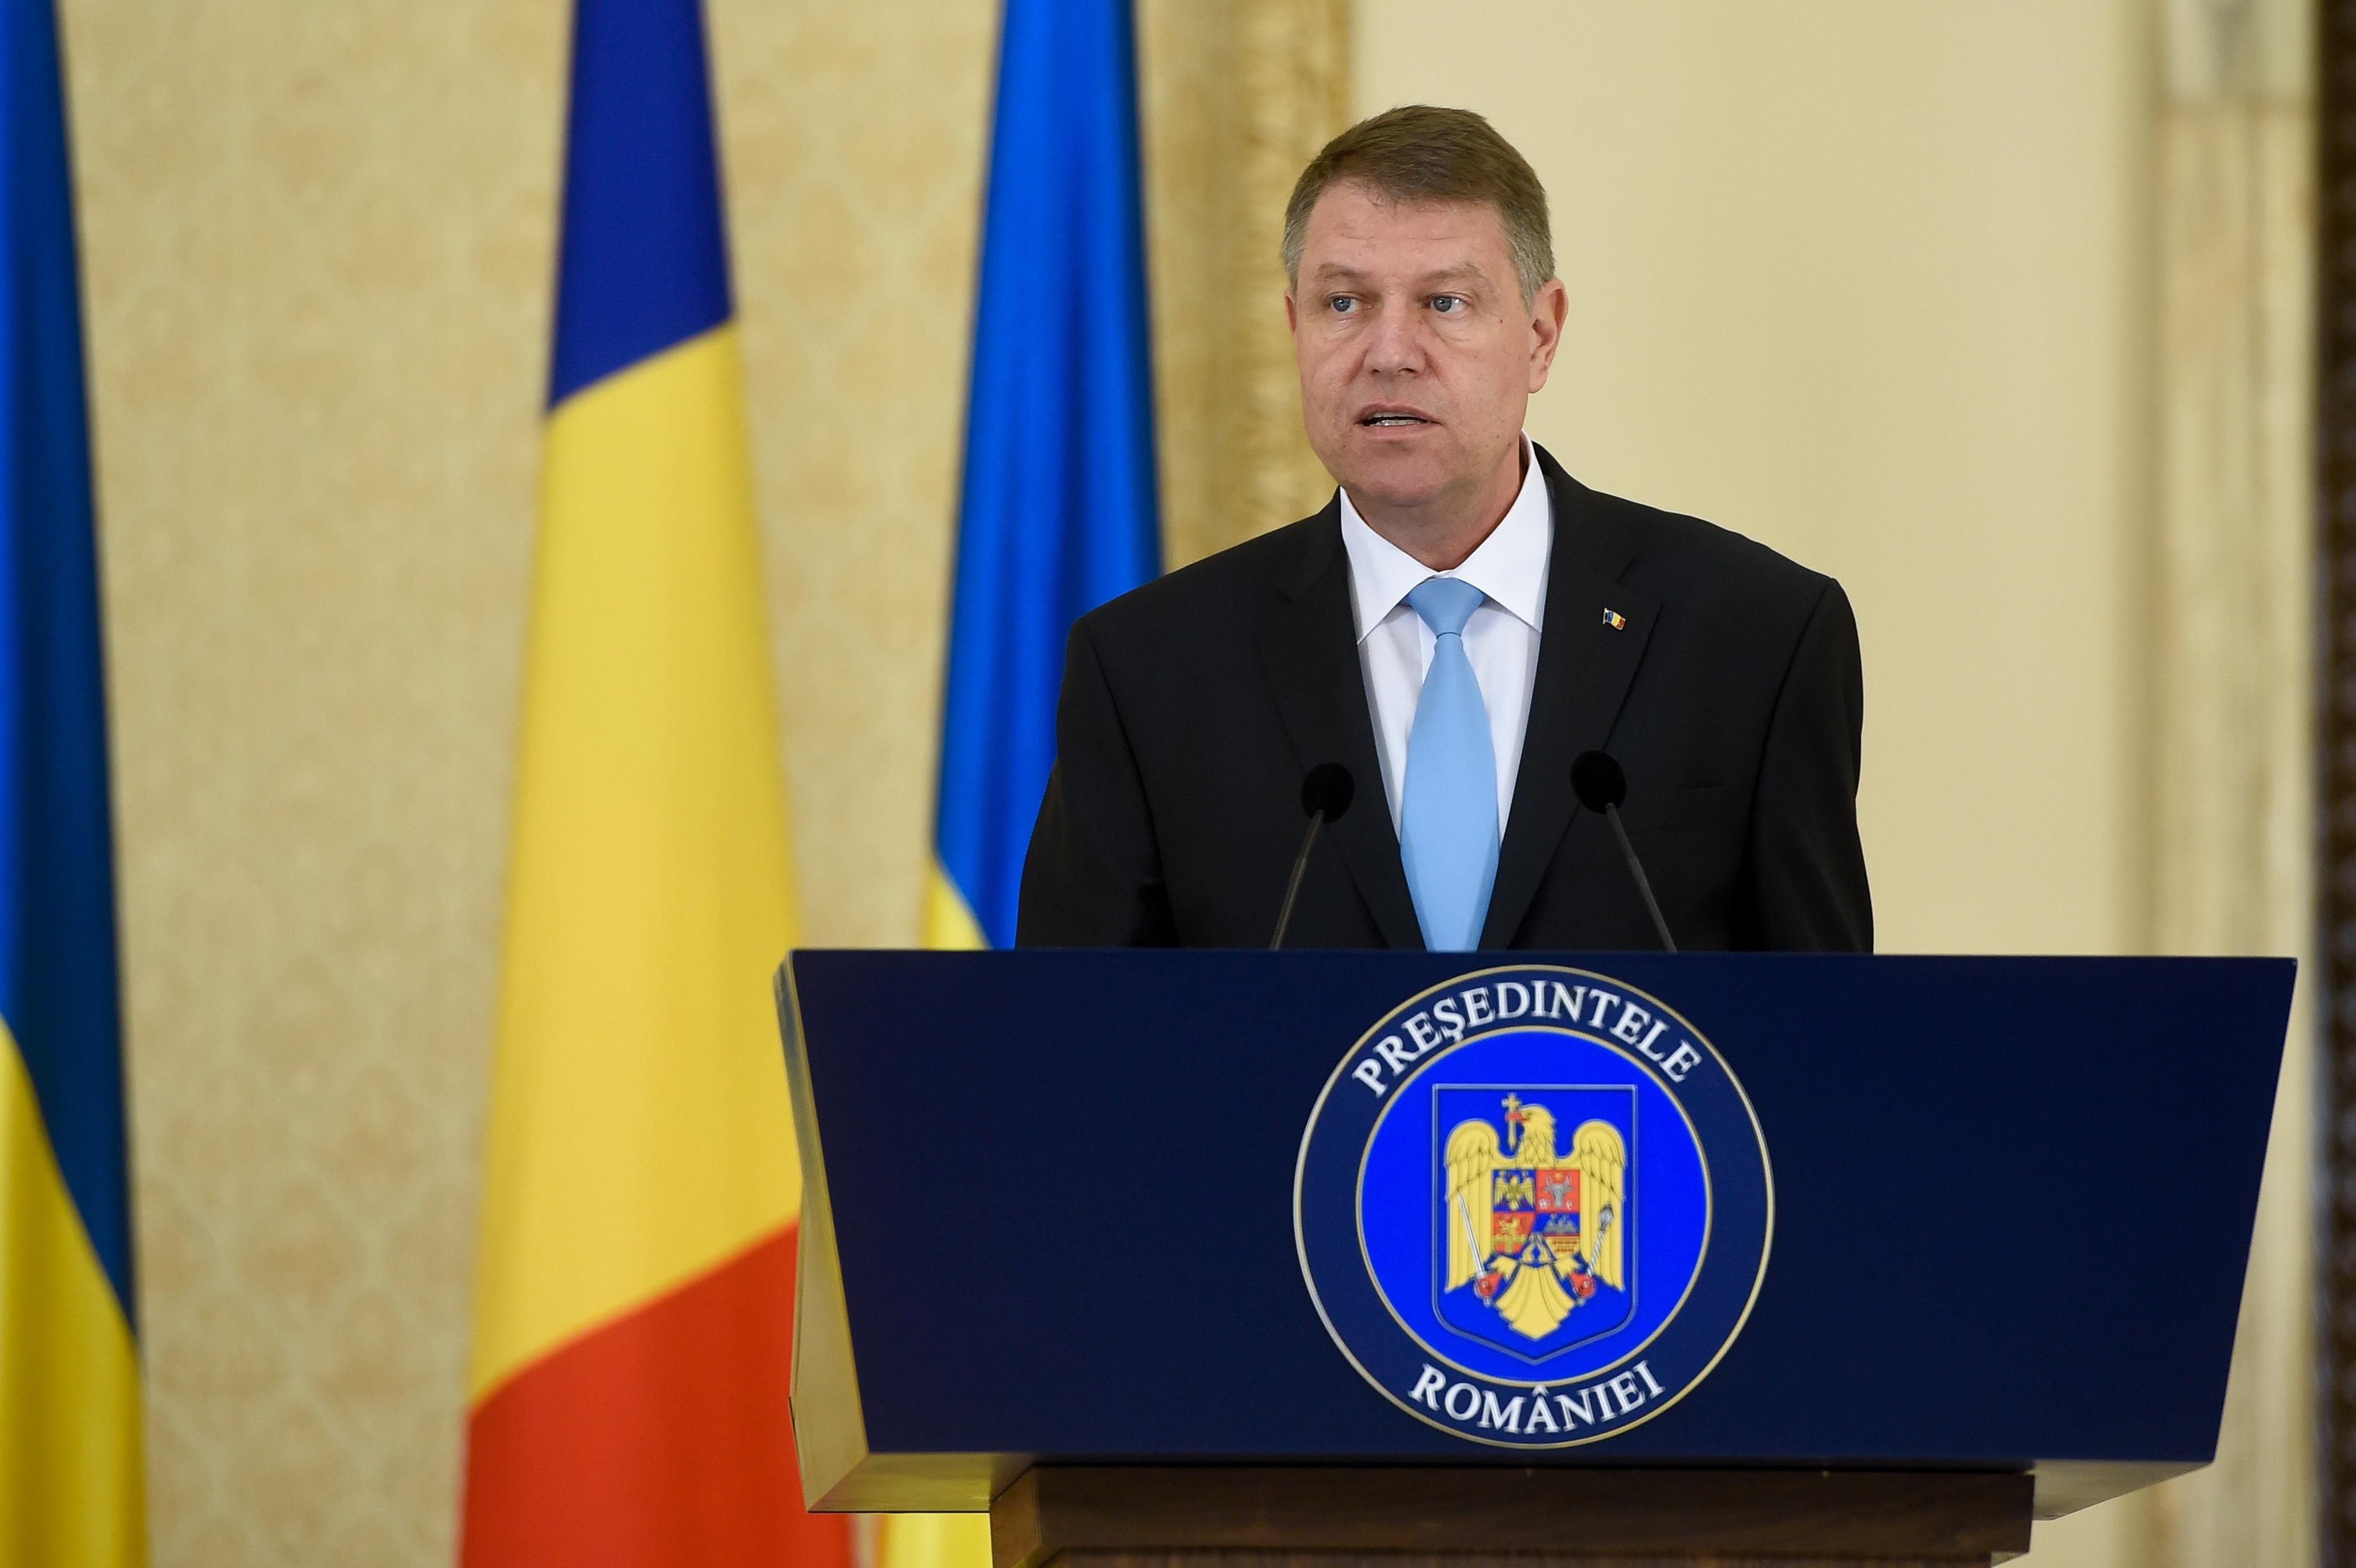 A román igazságügyi miniszter a legfőbb ügyész leváltását kéri az államfőtől